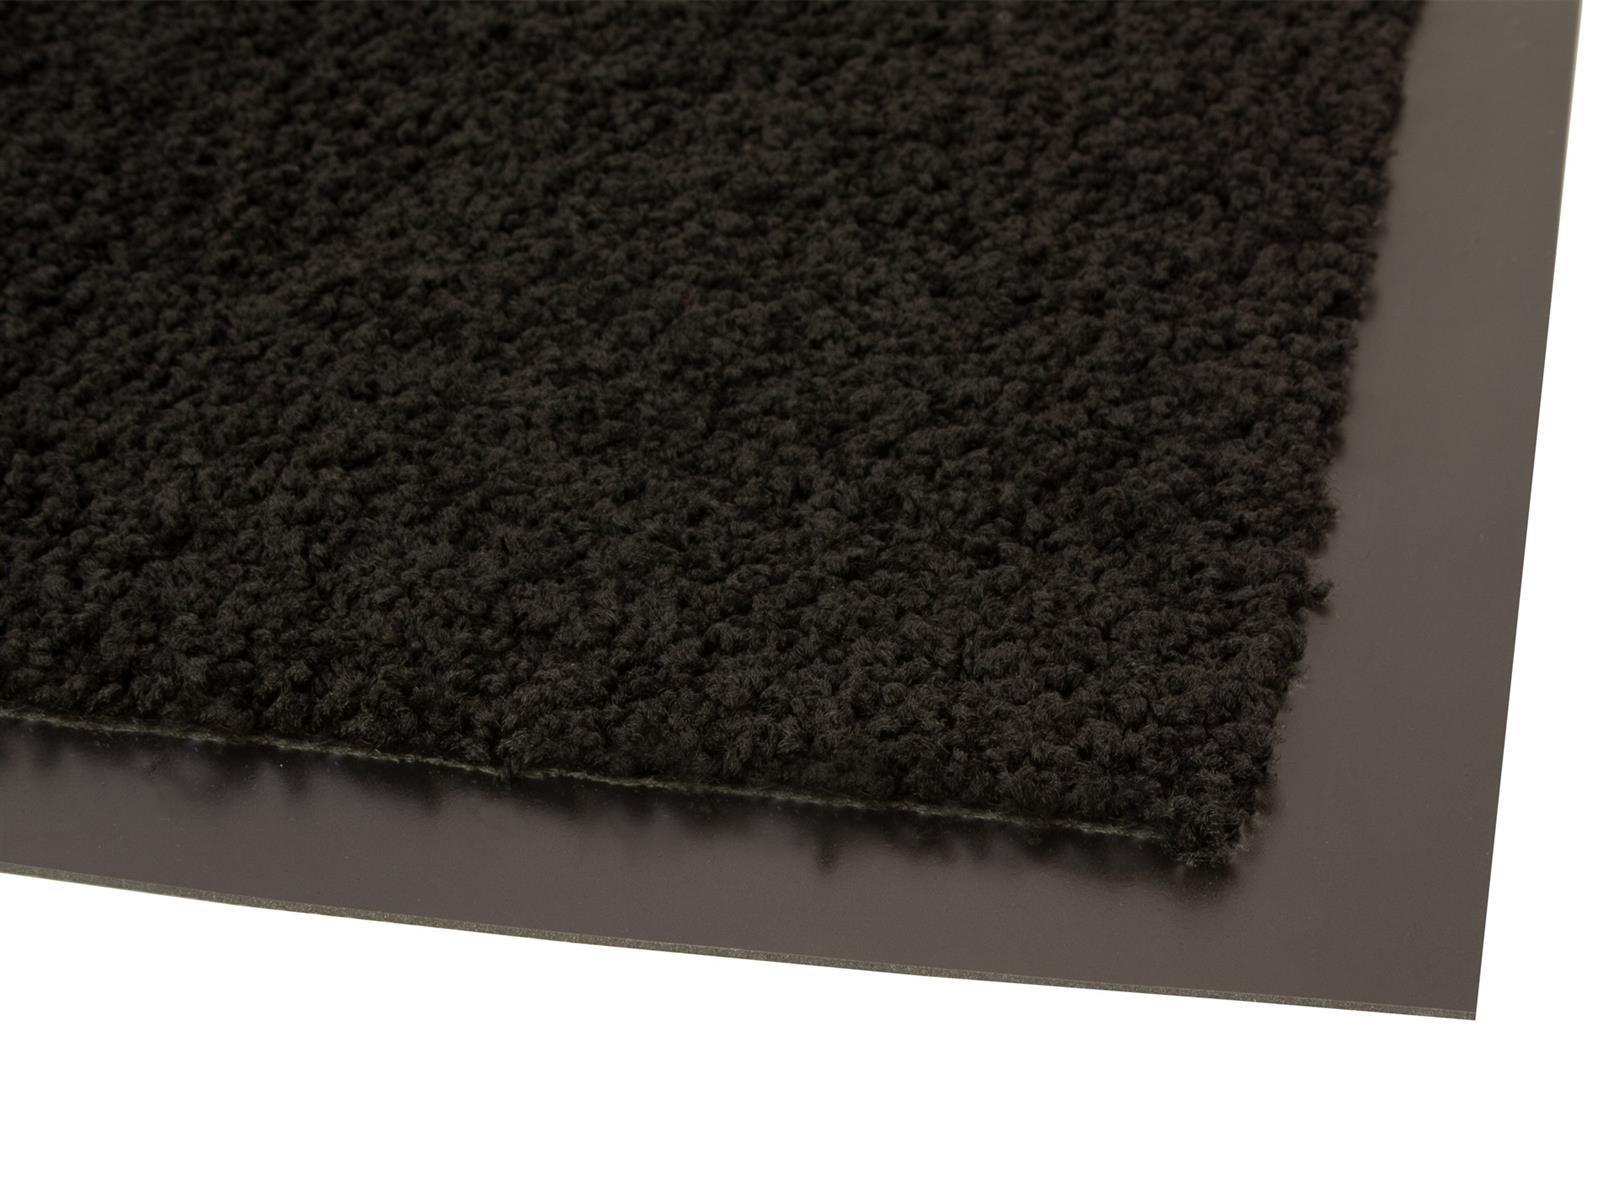 miniature 38 - Schmutzfangmatte Türmatte Fußmatte innen Sauberlaufmatte Fußabtreter Waschbar